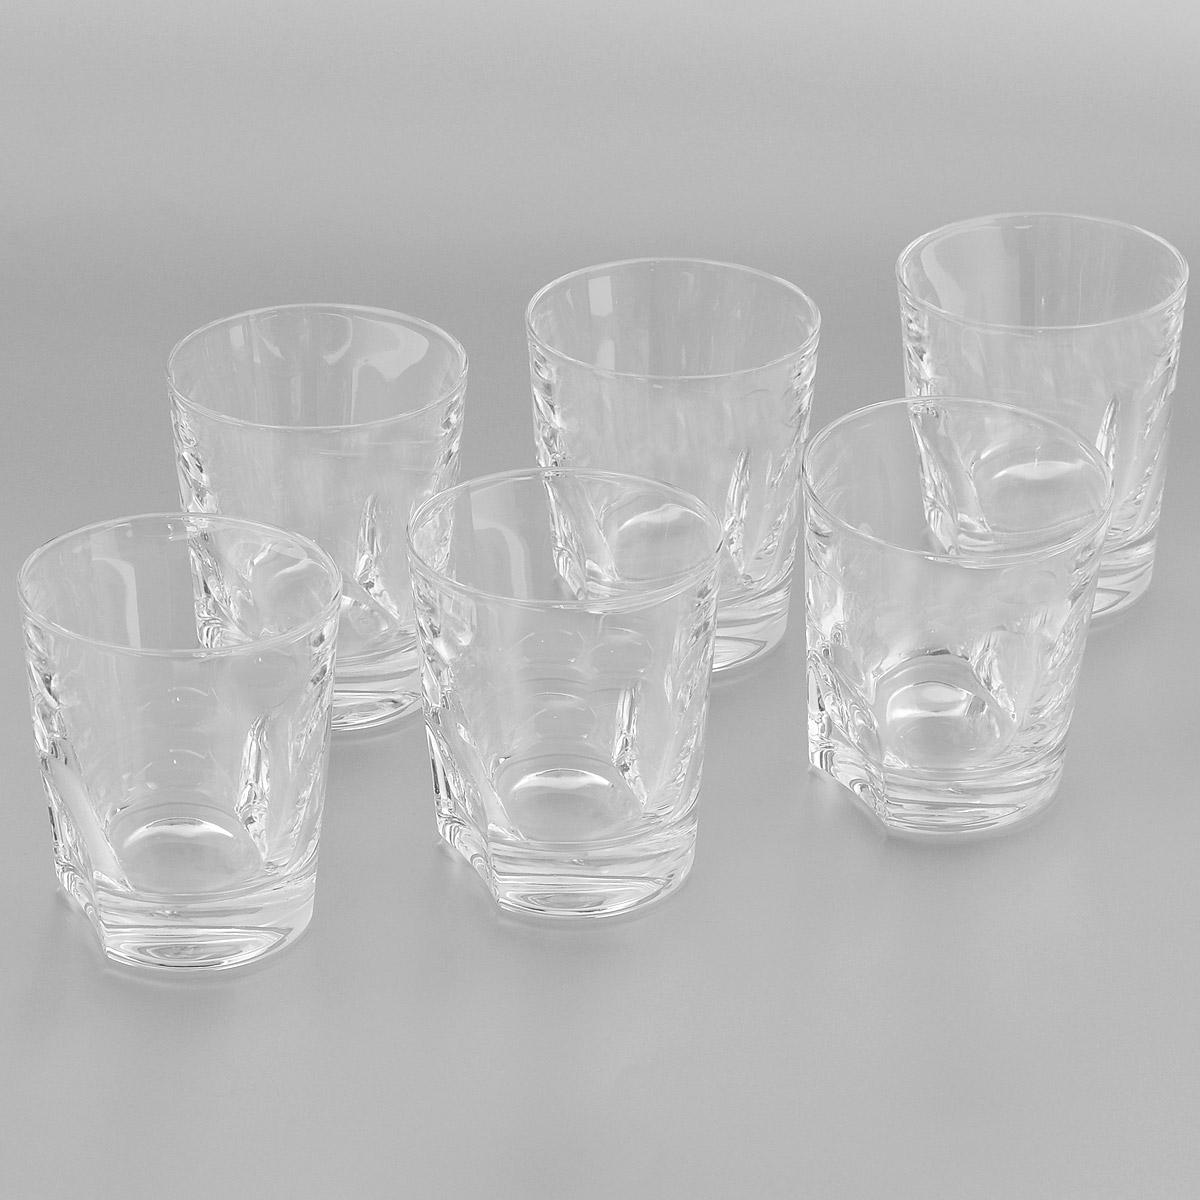 Набор стаканов Crystal Bohemia, 300 мл, 6 шт990/20200/0/37701/300-609Набор Crystal Bohemia состоит из шести стаканов. Изделия выполнены из прочного высококачественного хрусталя. Они излучают приятный блеск и издают мелодичный звон. Набор предназначен для подачи виски, бренди или коктейлей. Набор Crystal Bohemia прекрасно оформит интерьер кабинета или гостиной и станет отличным дополнением бара. Такой набор также станет хорошим подарком к любому случаю. Диаметр по верхнему краю: 8 см. Высота стакана: 9 см. Размер основания: 6,8 см х 5 см.